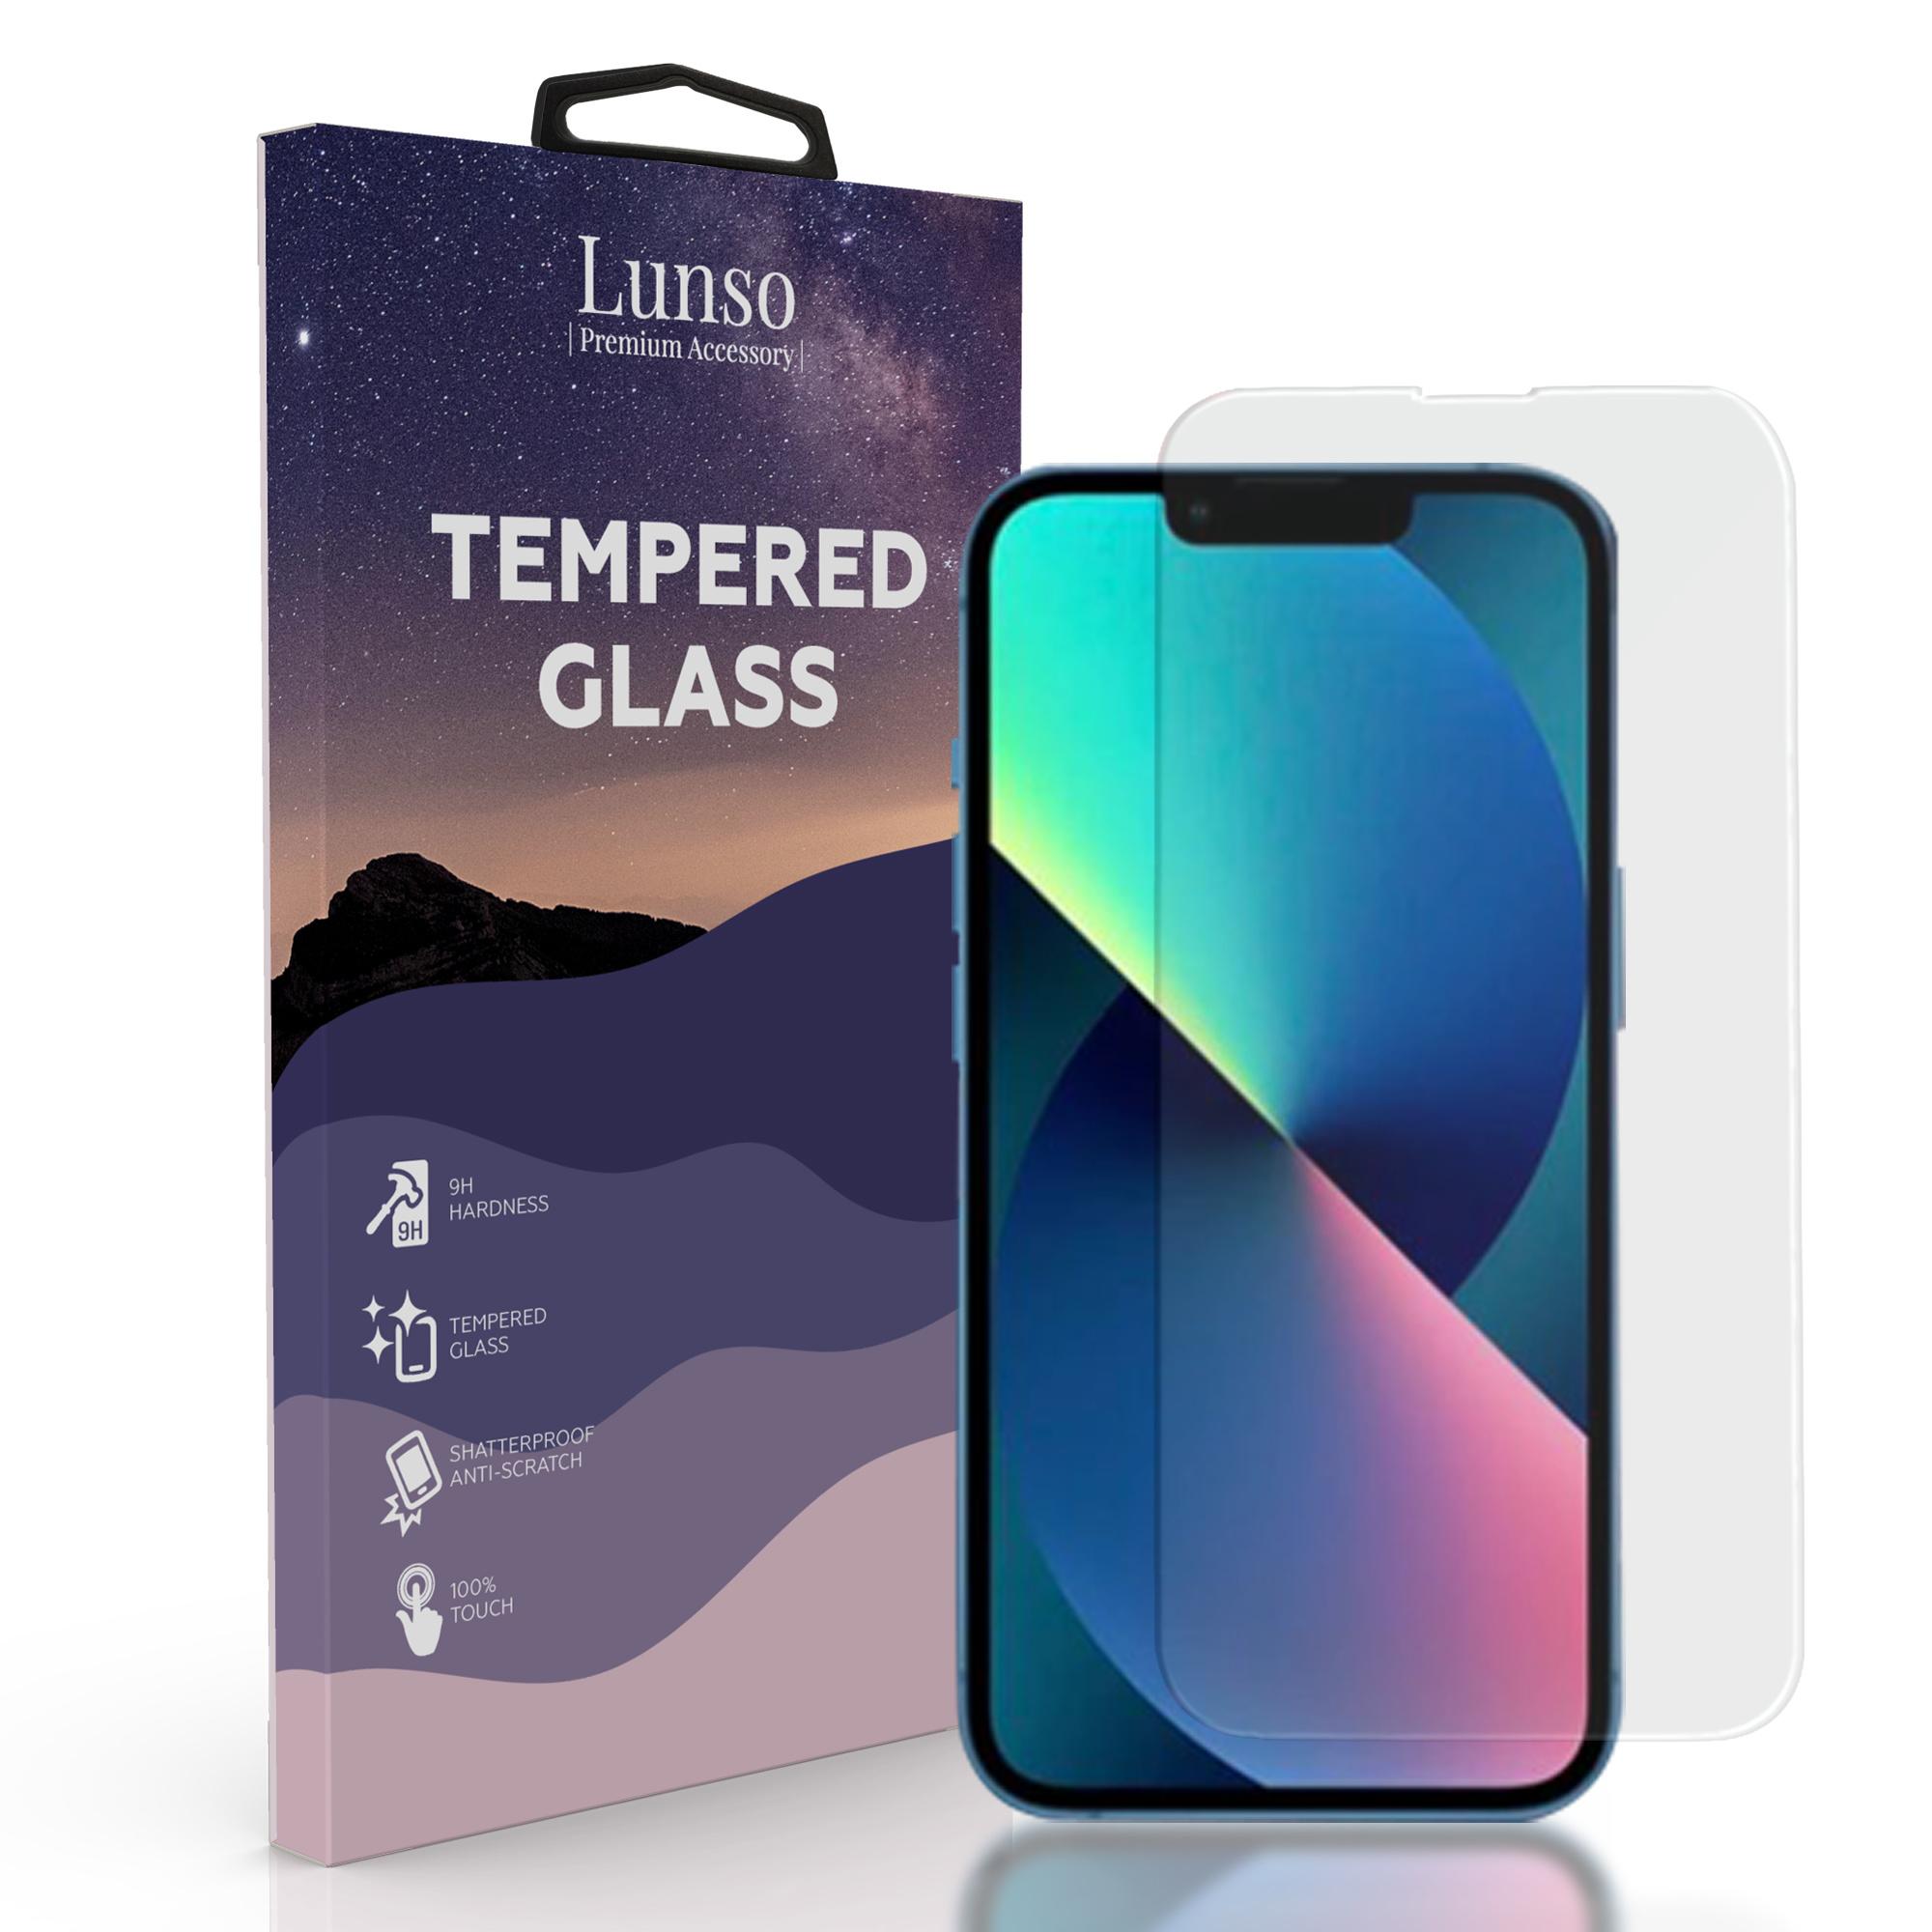 Lunso Gehard beschermglas (Tempered Glass) voor de iPhone 13 Mini